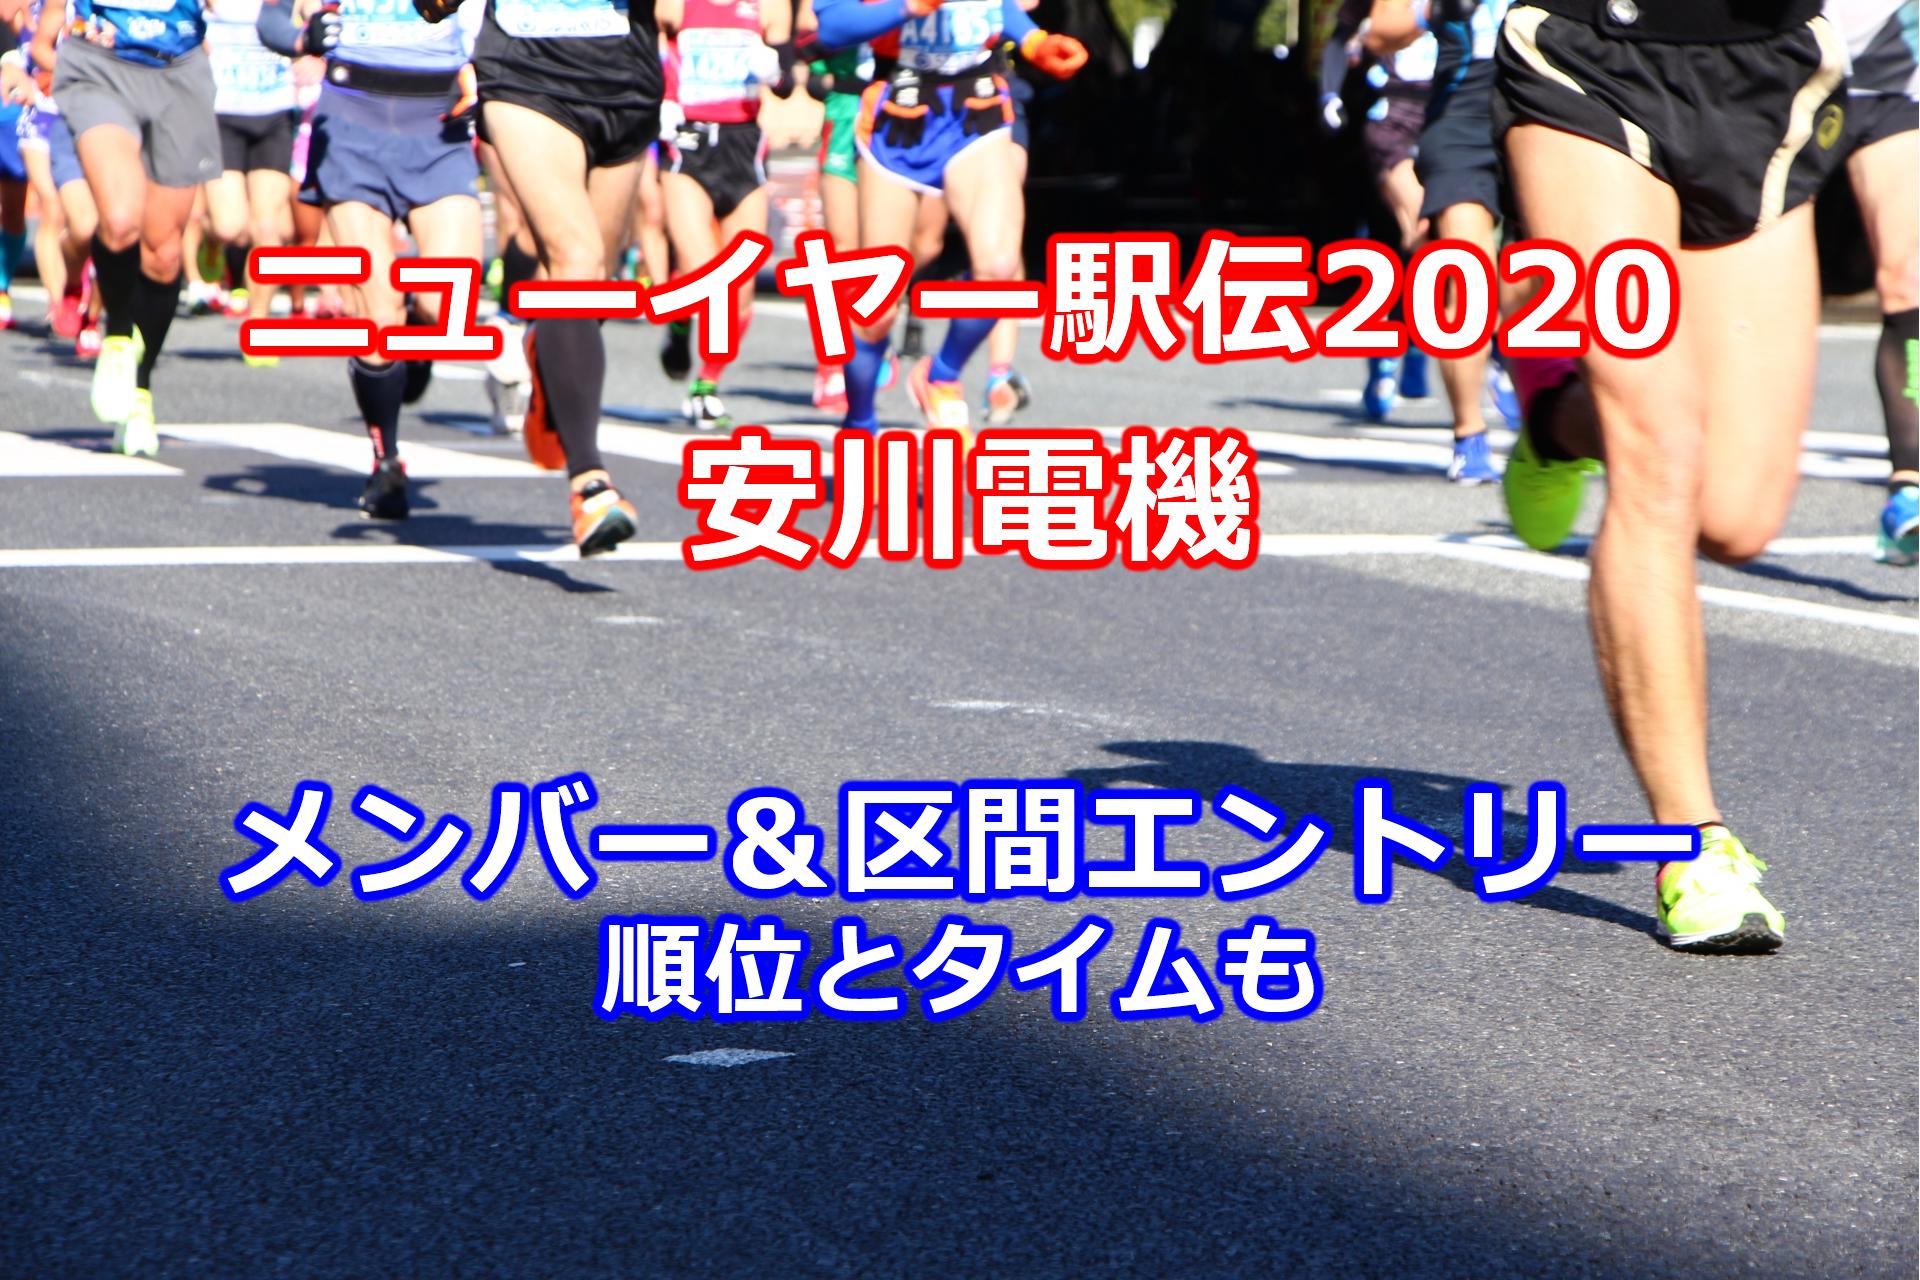 ニューイヤー駅伝2020安川電機メンバー・区間エントリー・結果・順位・タイムまとめ